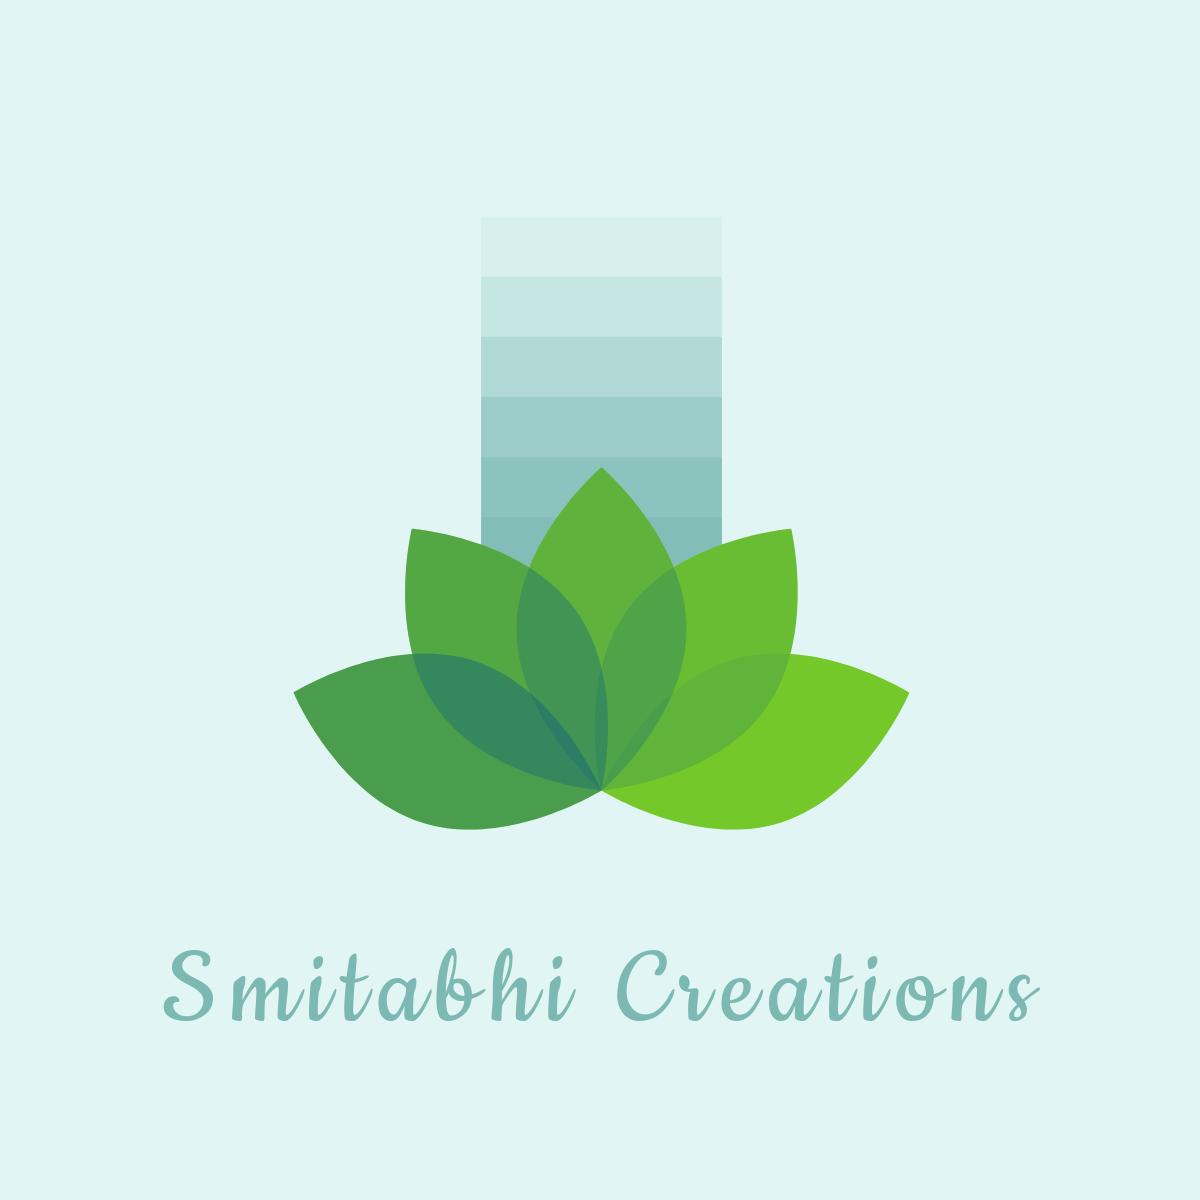 Smitabhi Creations primary image